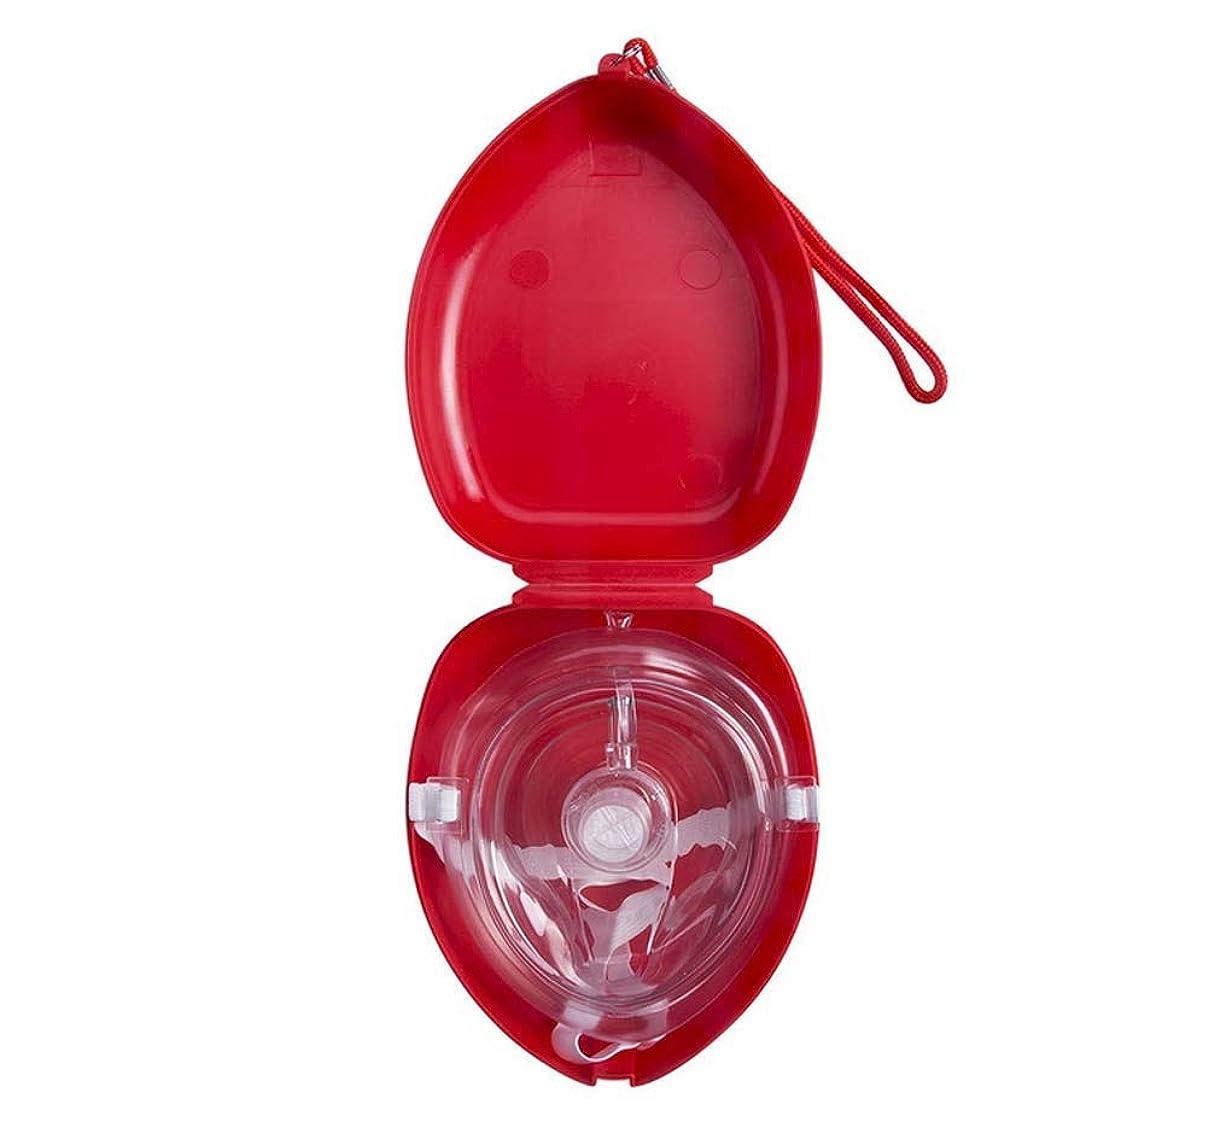 野心無礼に苦しみ応急処置 回復 CPRマスク 顔面鼻バリア 携帯用感染防止マスク 家族旅行、アウトドア、旅行 (ワンサイズ)